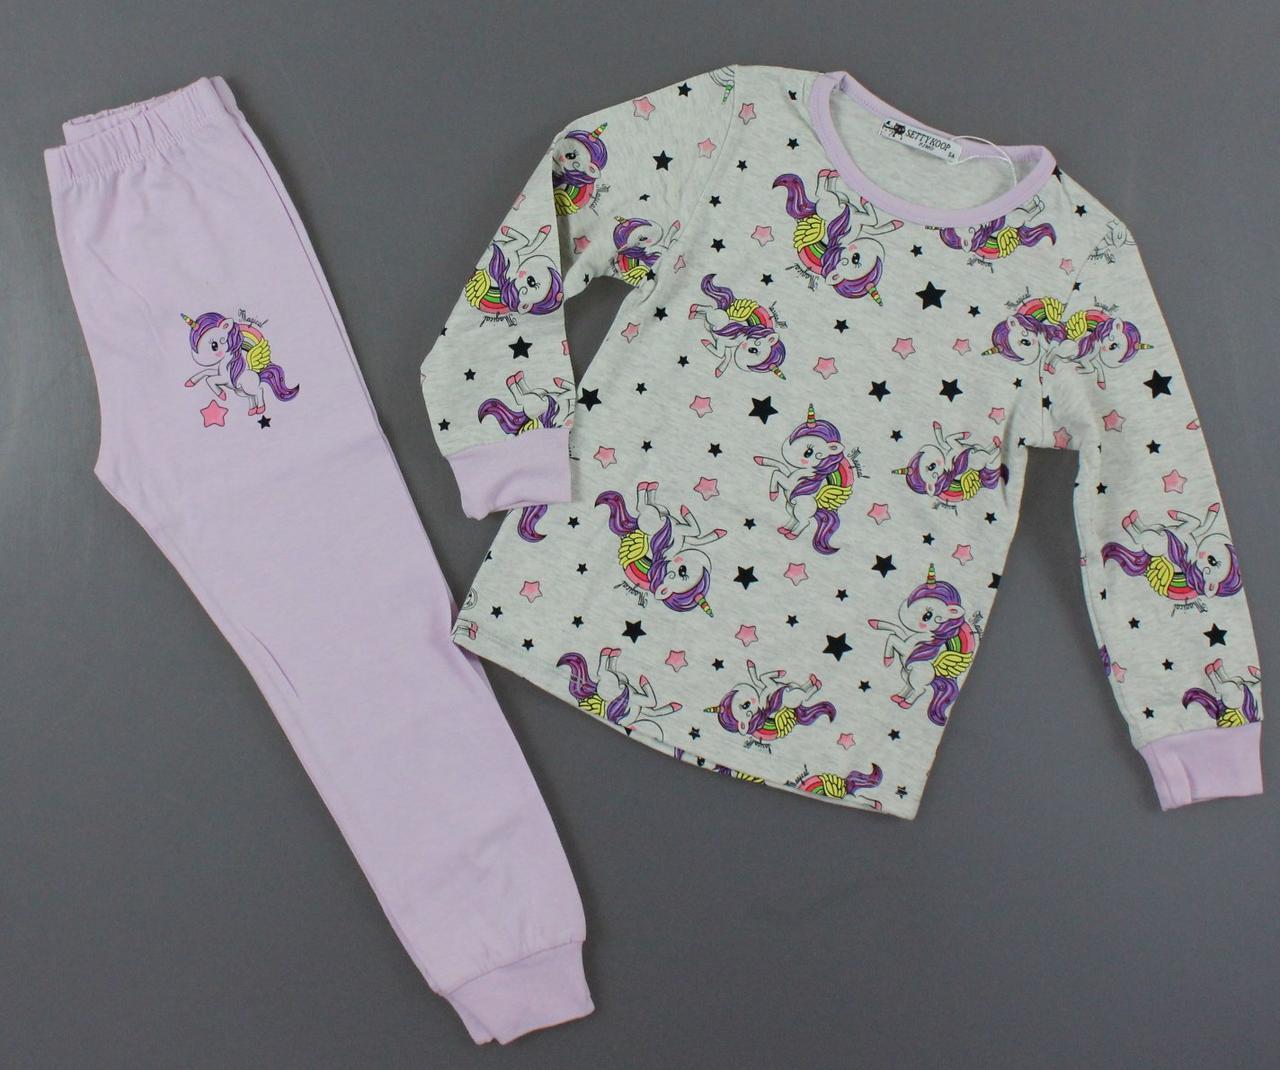 {есть:1 год,2 года,4 года,5 лет} Пижама для девочек Setty Koop, Артикул: PJM1011-серый [1 год]